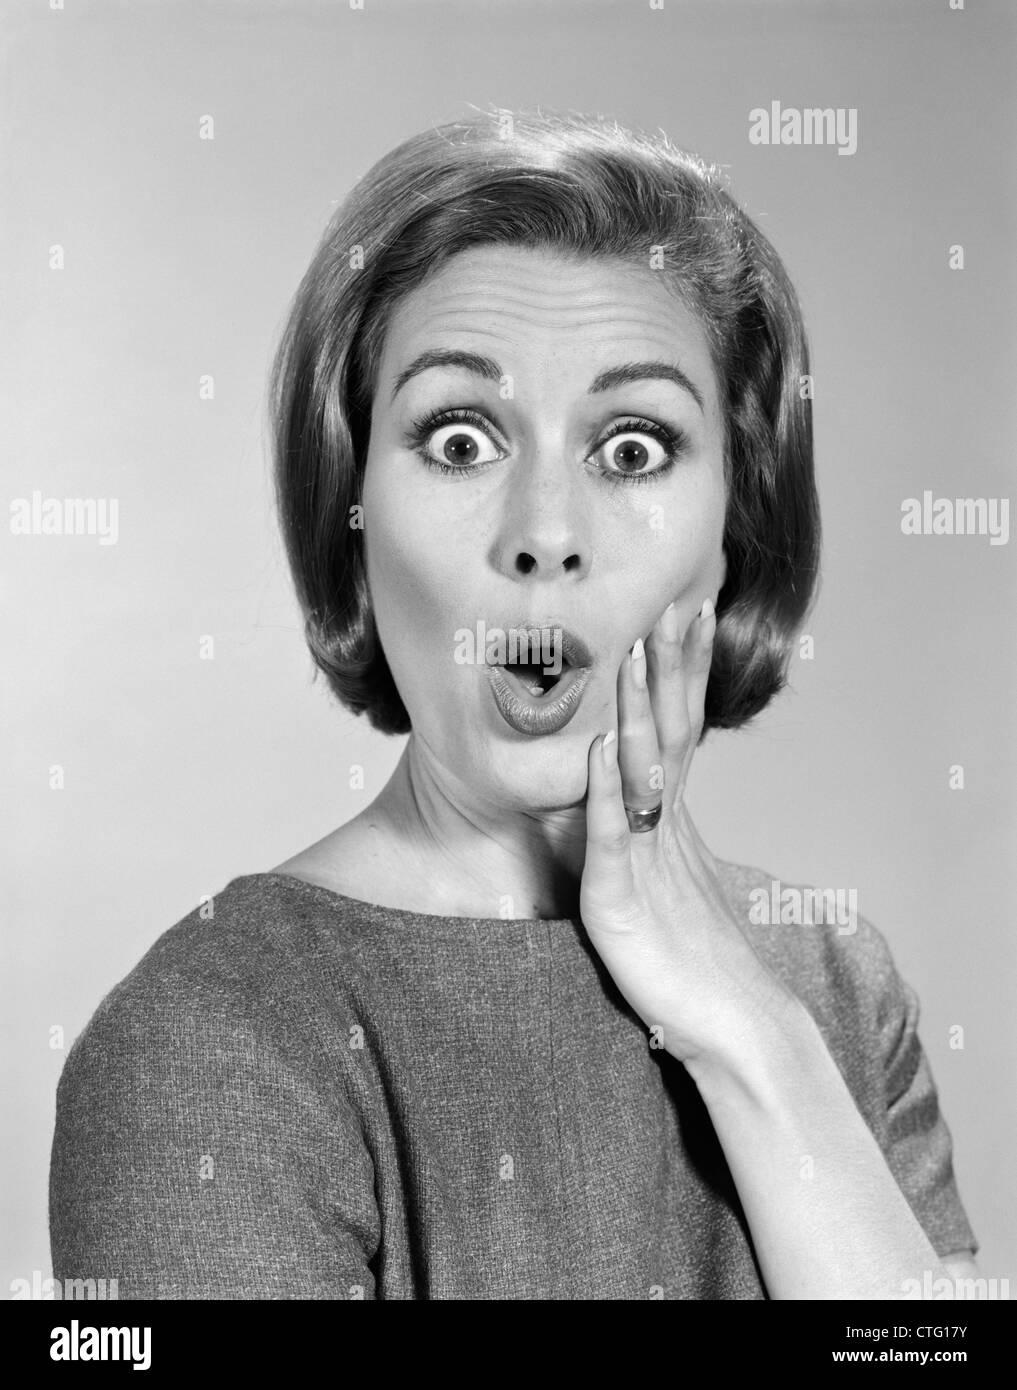 1960ER JAHRE PORTRAIT FRAU MIT HAND AUF WANGE BLICK IN DIE KAMERA MIT SCHOCKIERT AUSDRUCK Stockbild